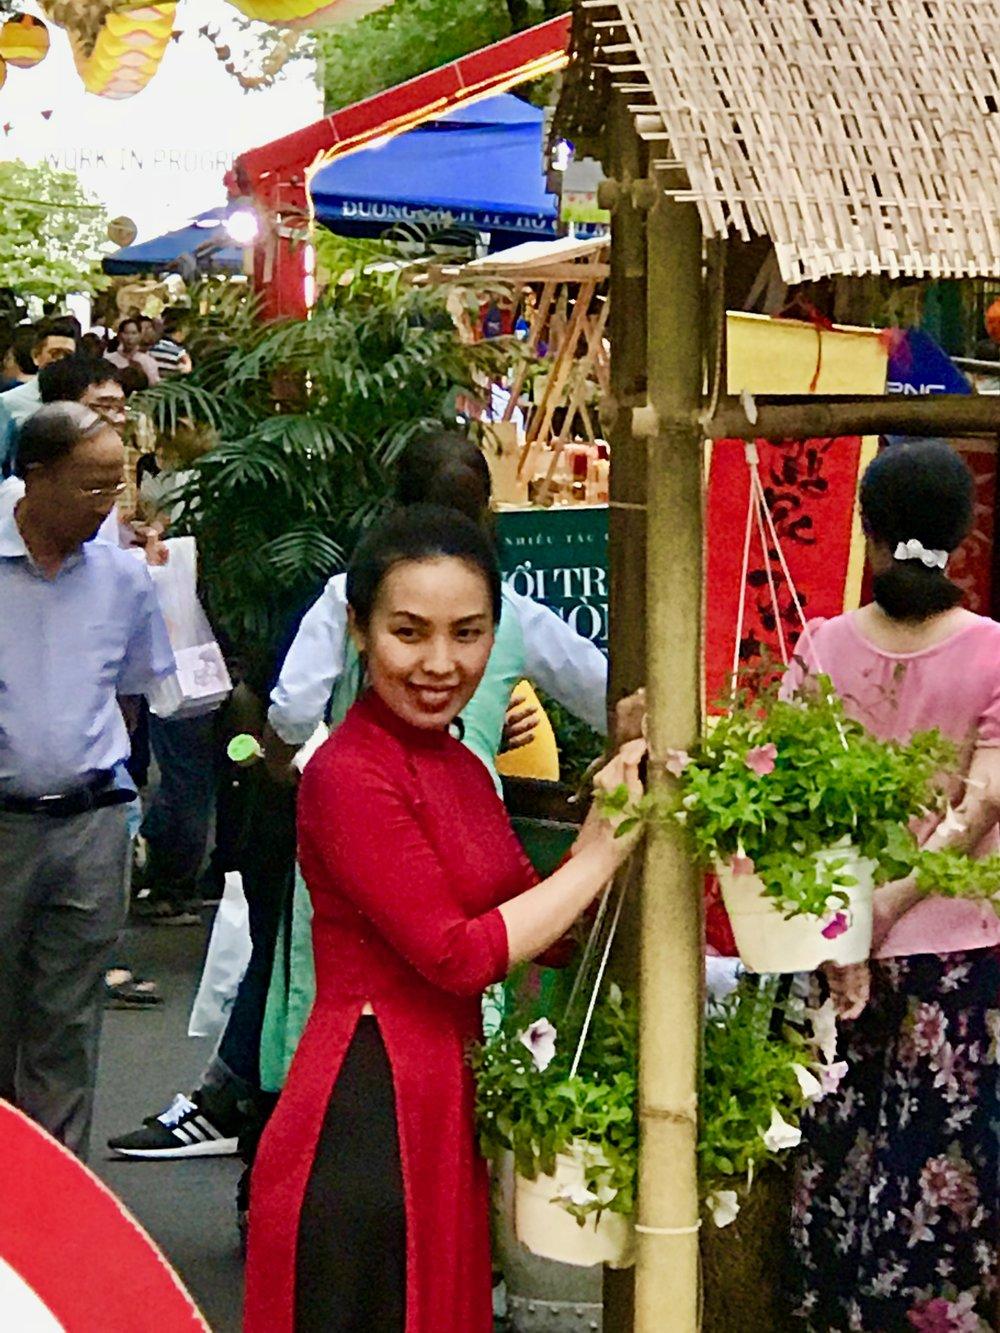 Lady in Red.jpg*.jpg